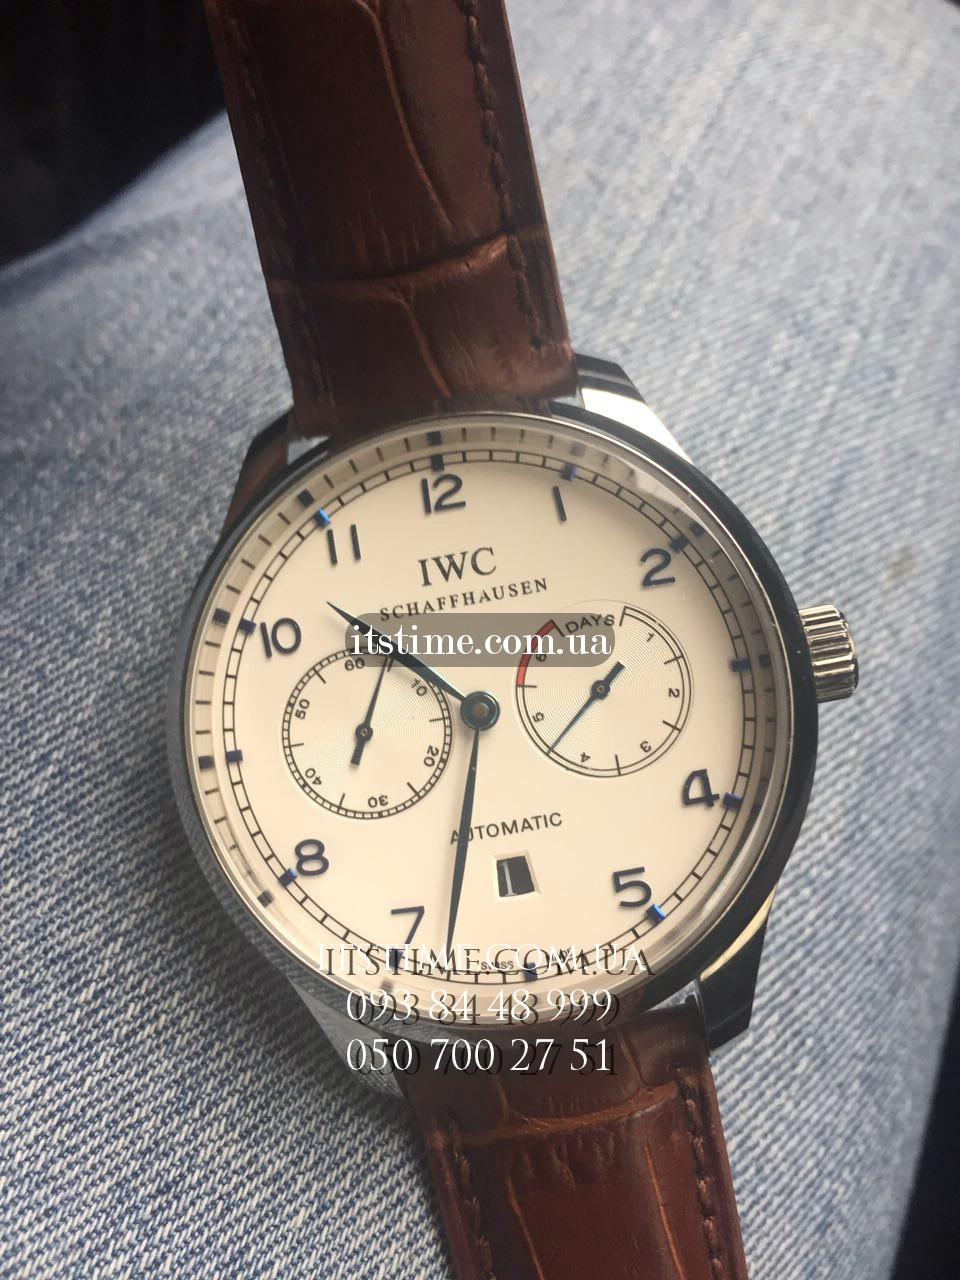 Часы IWC Schaffhausen: Реальные Отзывы о Модели IW371491